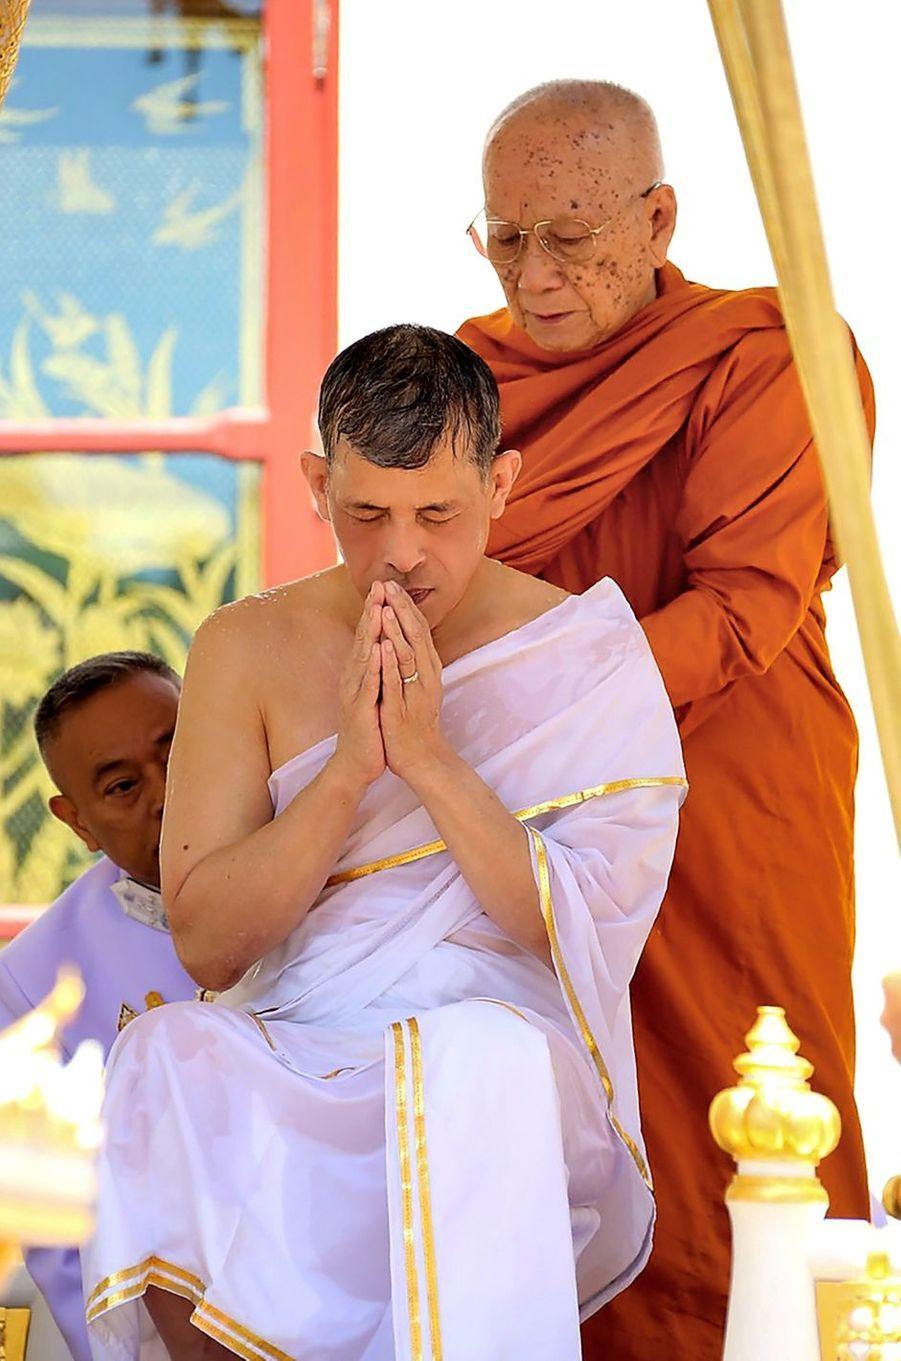 Le roi de Thaïlande Maha Vajiralongkorn (Rama X) à Bangkok le jour de son couronnement, le 4 mai 2019